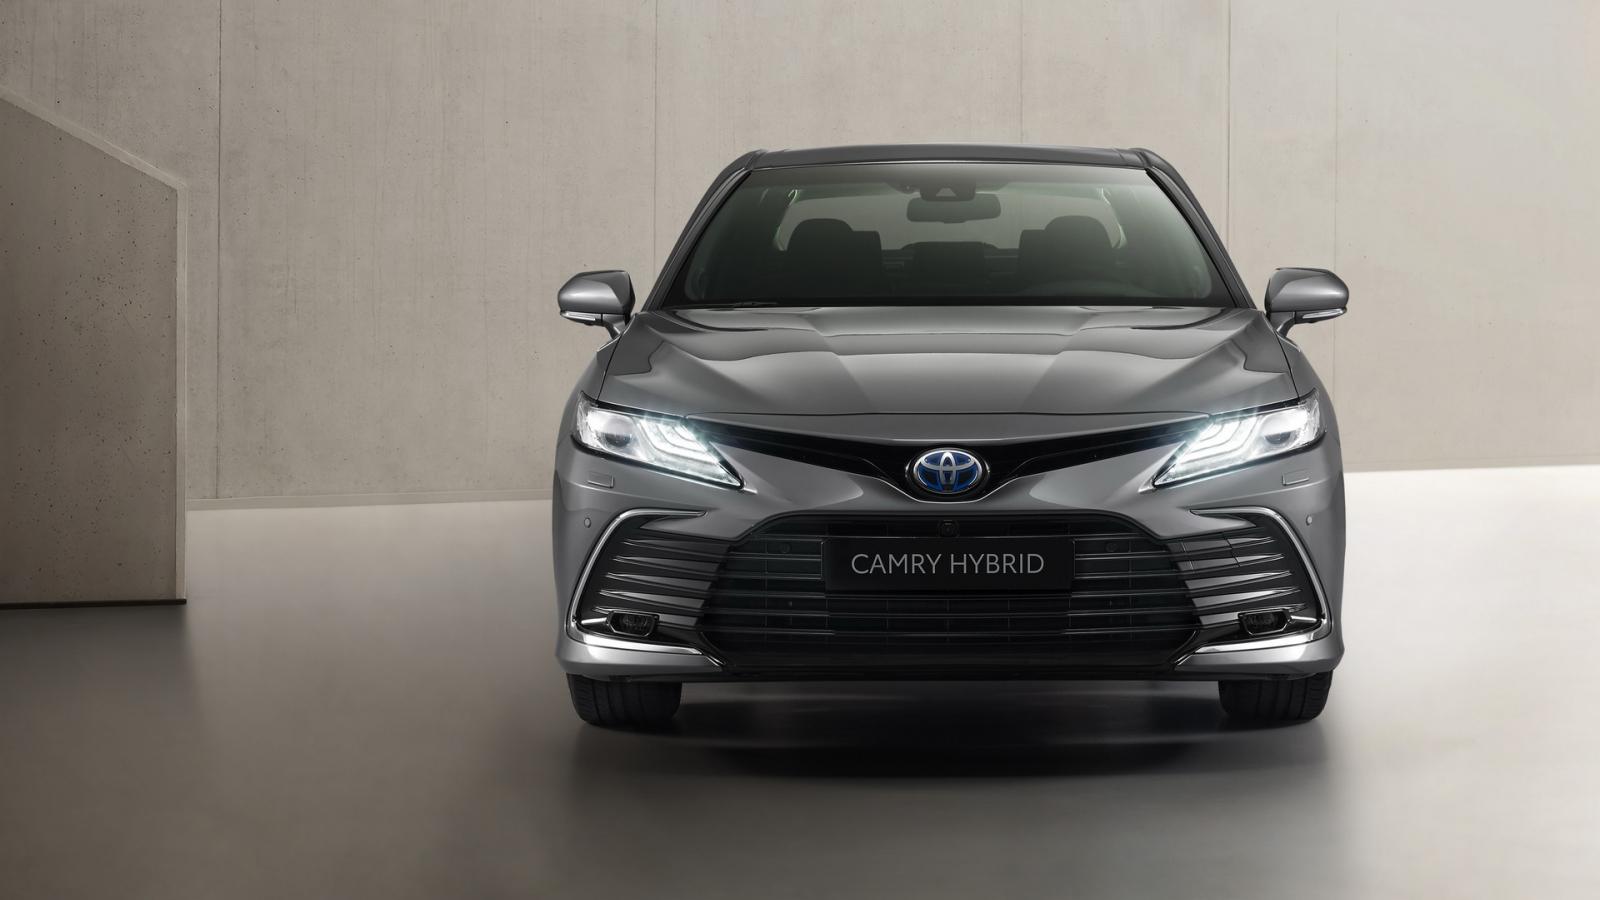 Toyota Camry Hybrid 2021 bản nâng cấp ra mắt thị trường châu Âu